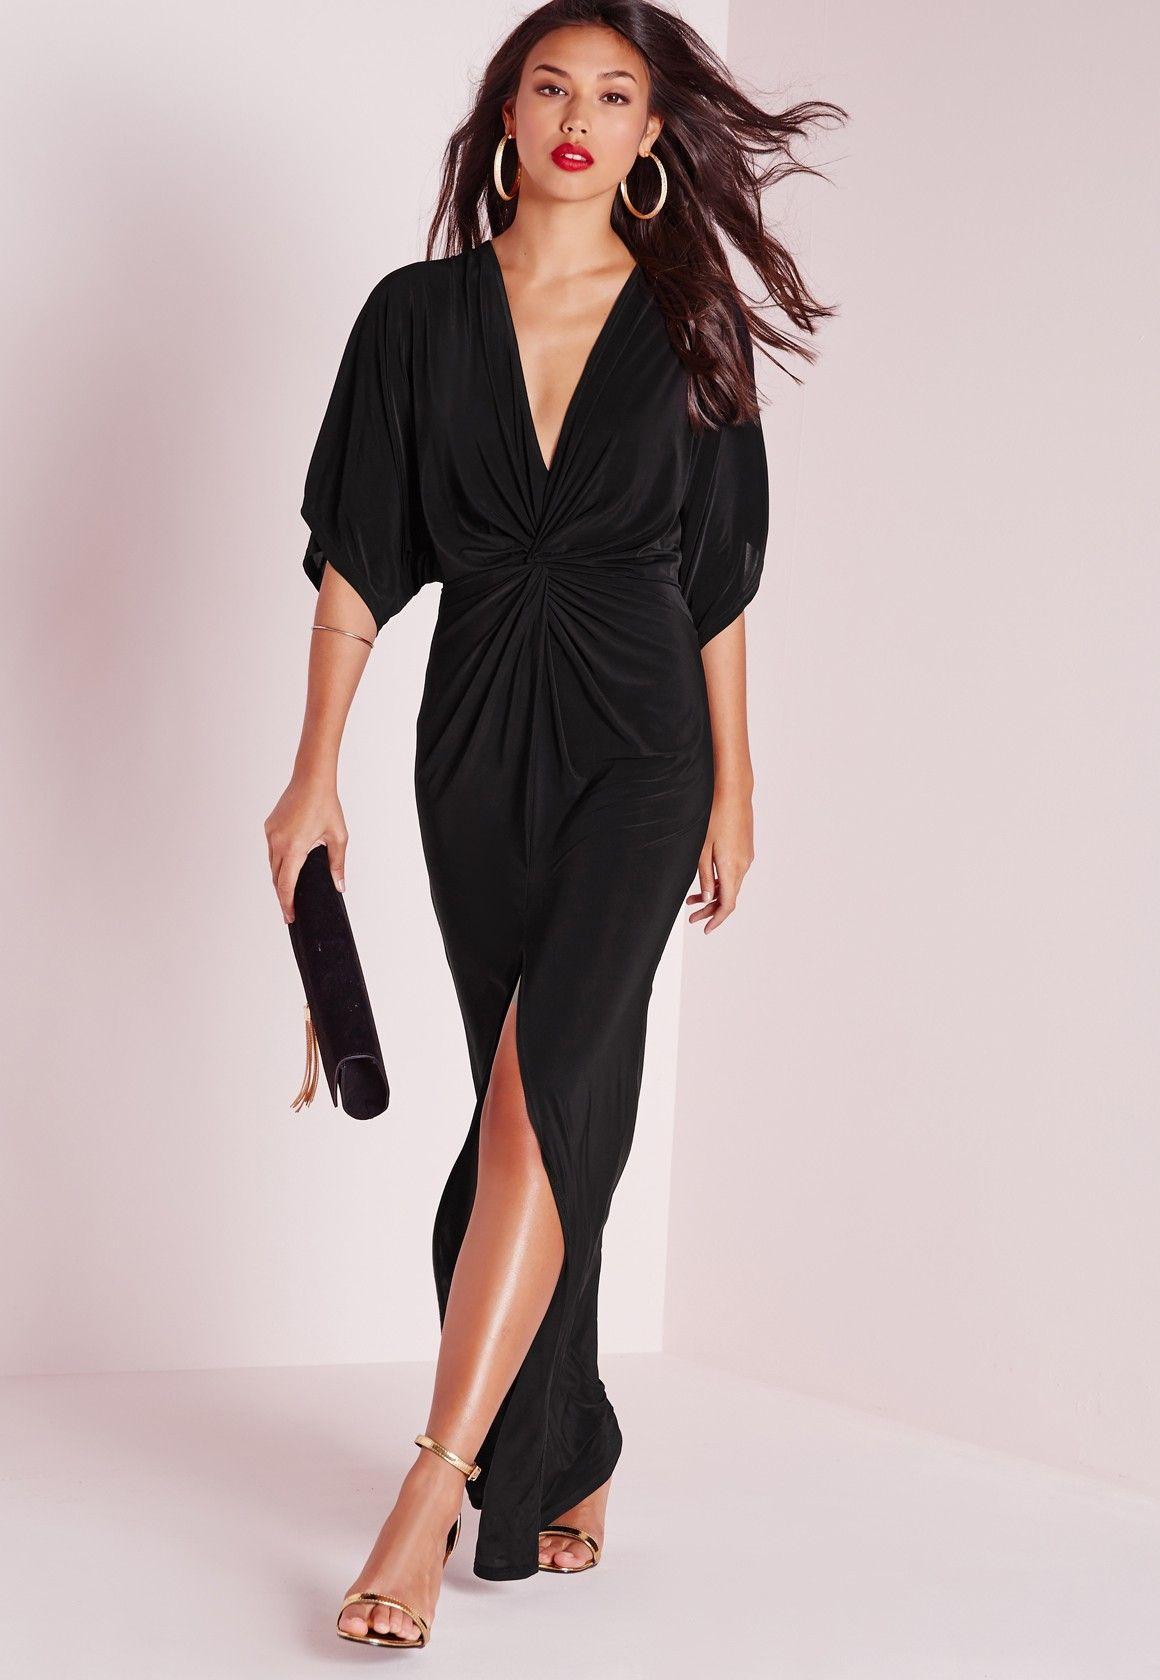 Fluide Noire Longue KimonoDresses Missguided Manches Robe dBoCxer